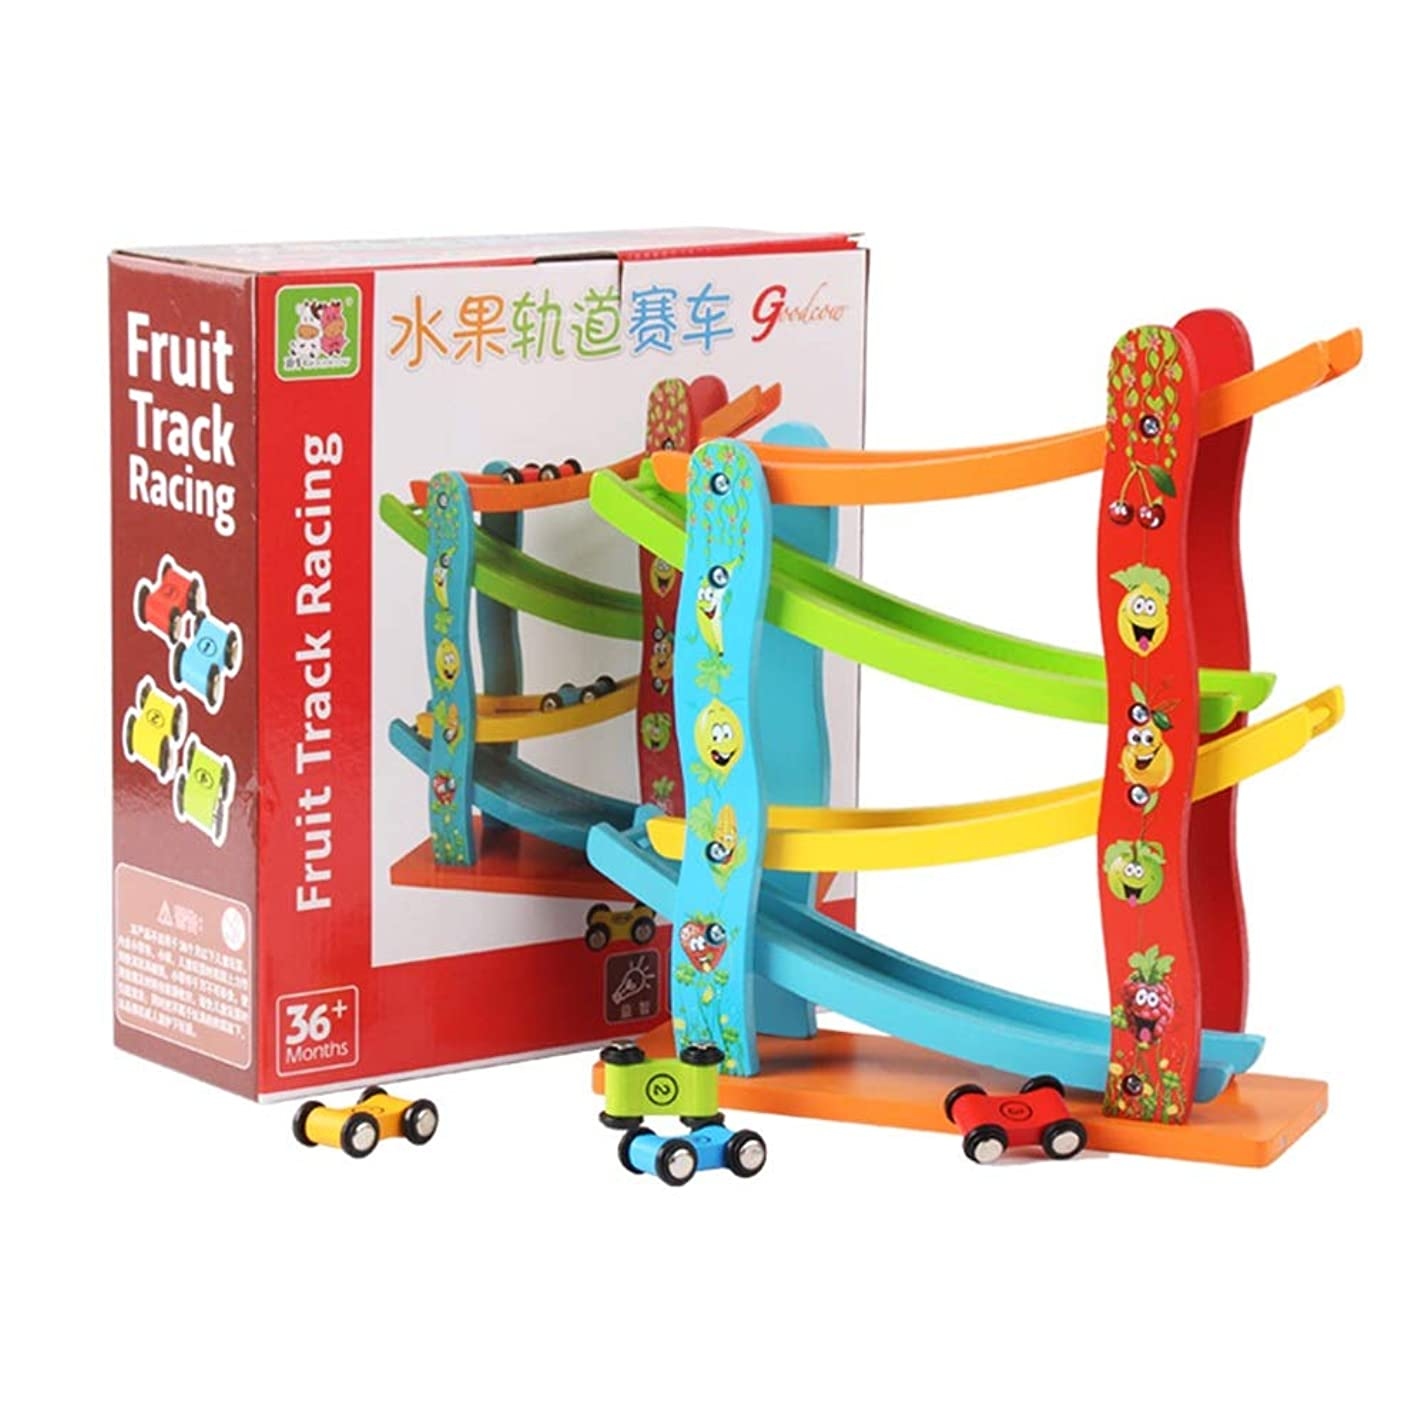 研磨解読する文房具Xyanzi 子どもおもちゃ 車のランプのおもちゃ、幼児のおもちゃレーストラックカーランプレーサー木製ランプ幼児のおもちゃ1 2歳の男の子と女の子の贈り物9.65X3.54X10.24